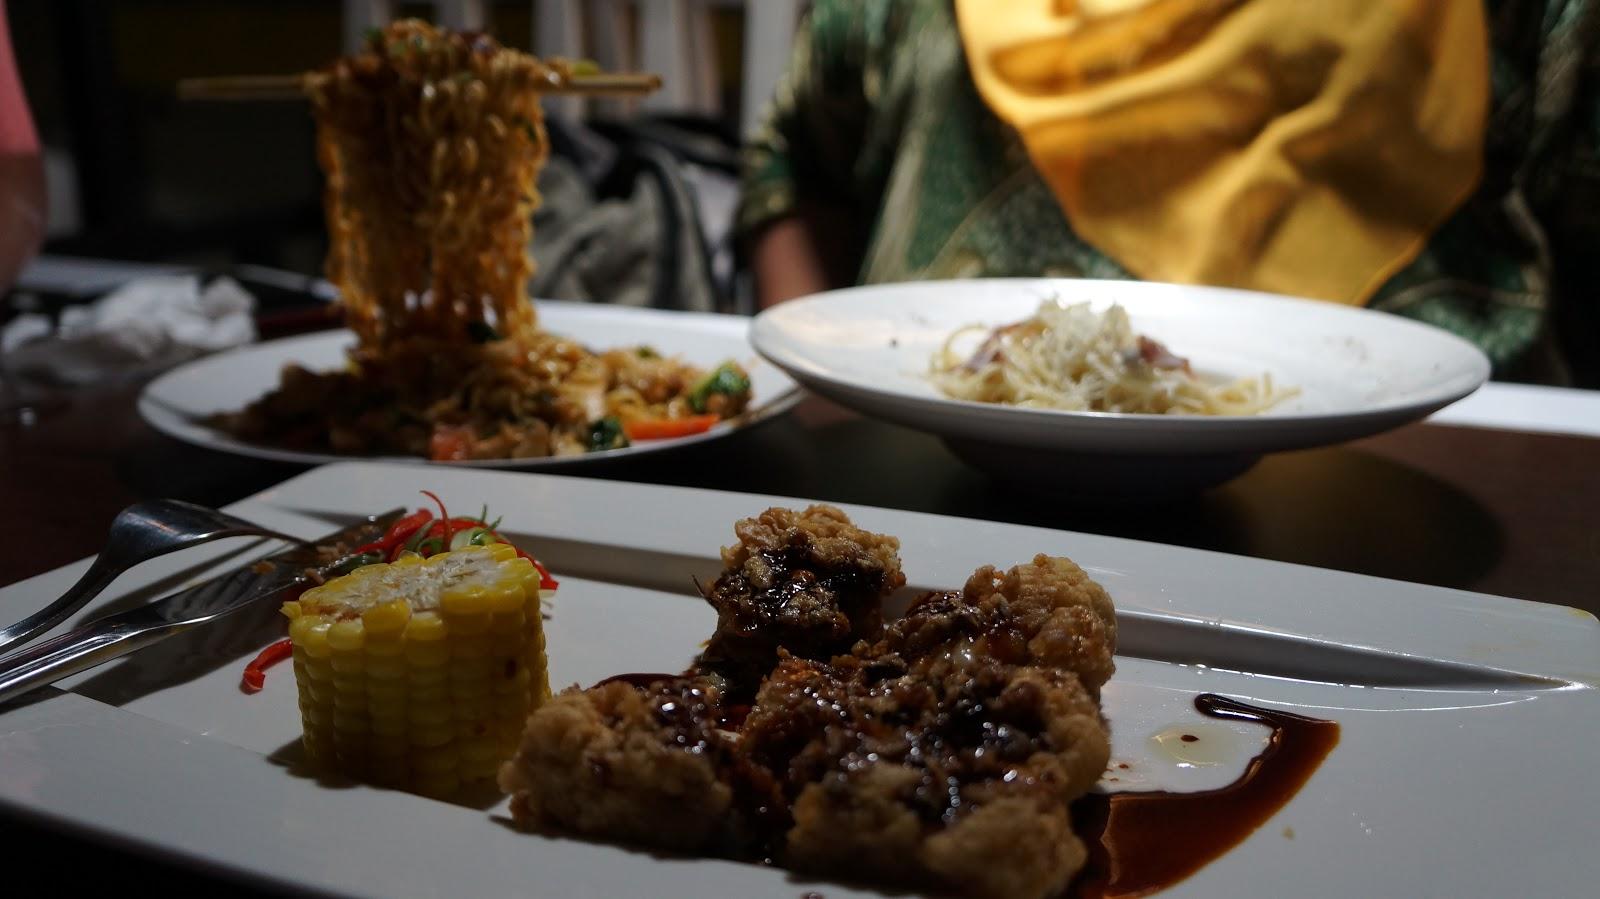 Omg Cafe Mengembalikan Mood Dengan Santai Dan Makan Enak Tukang